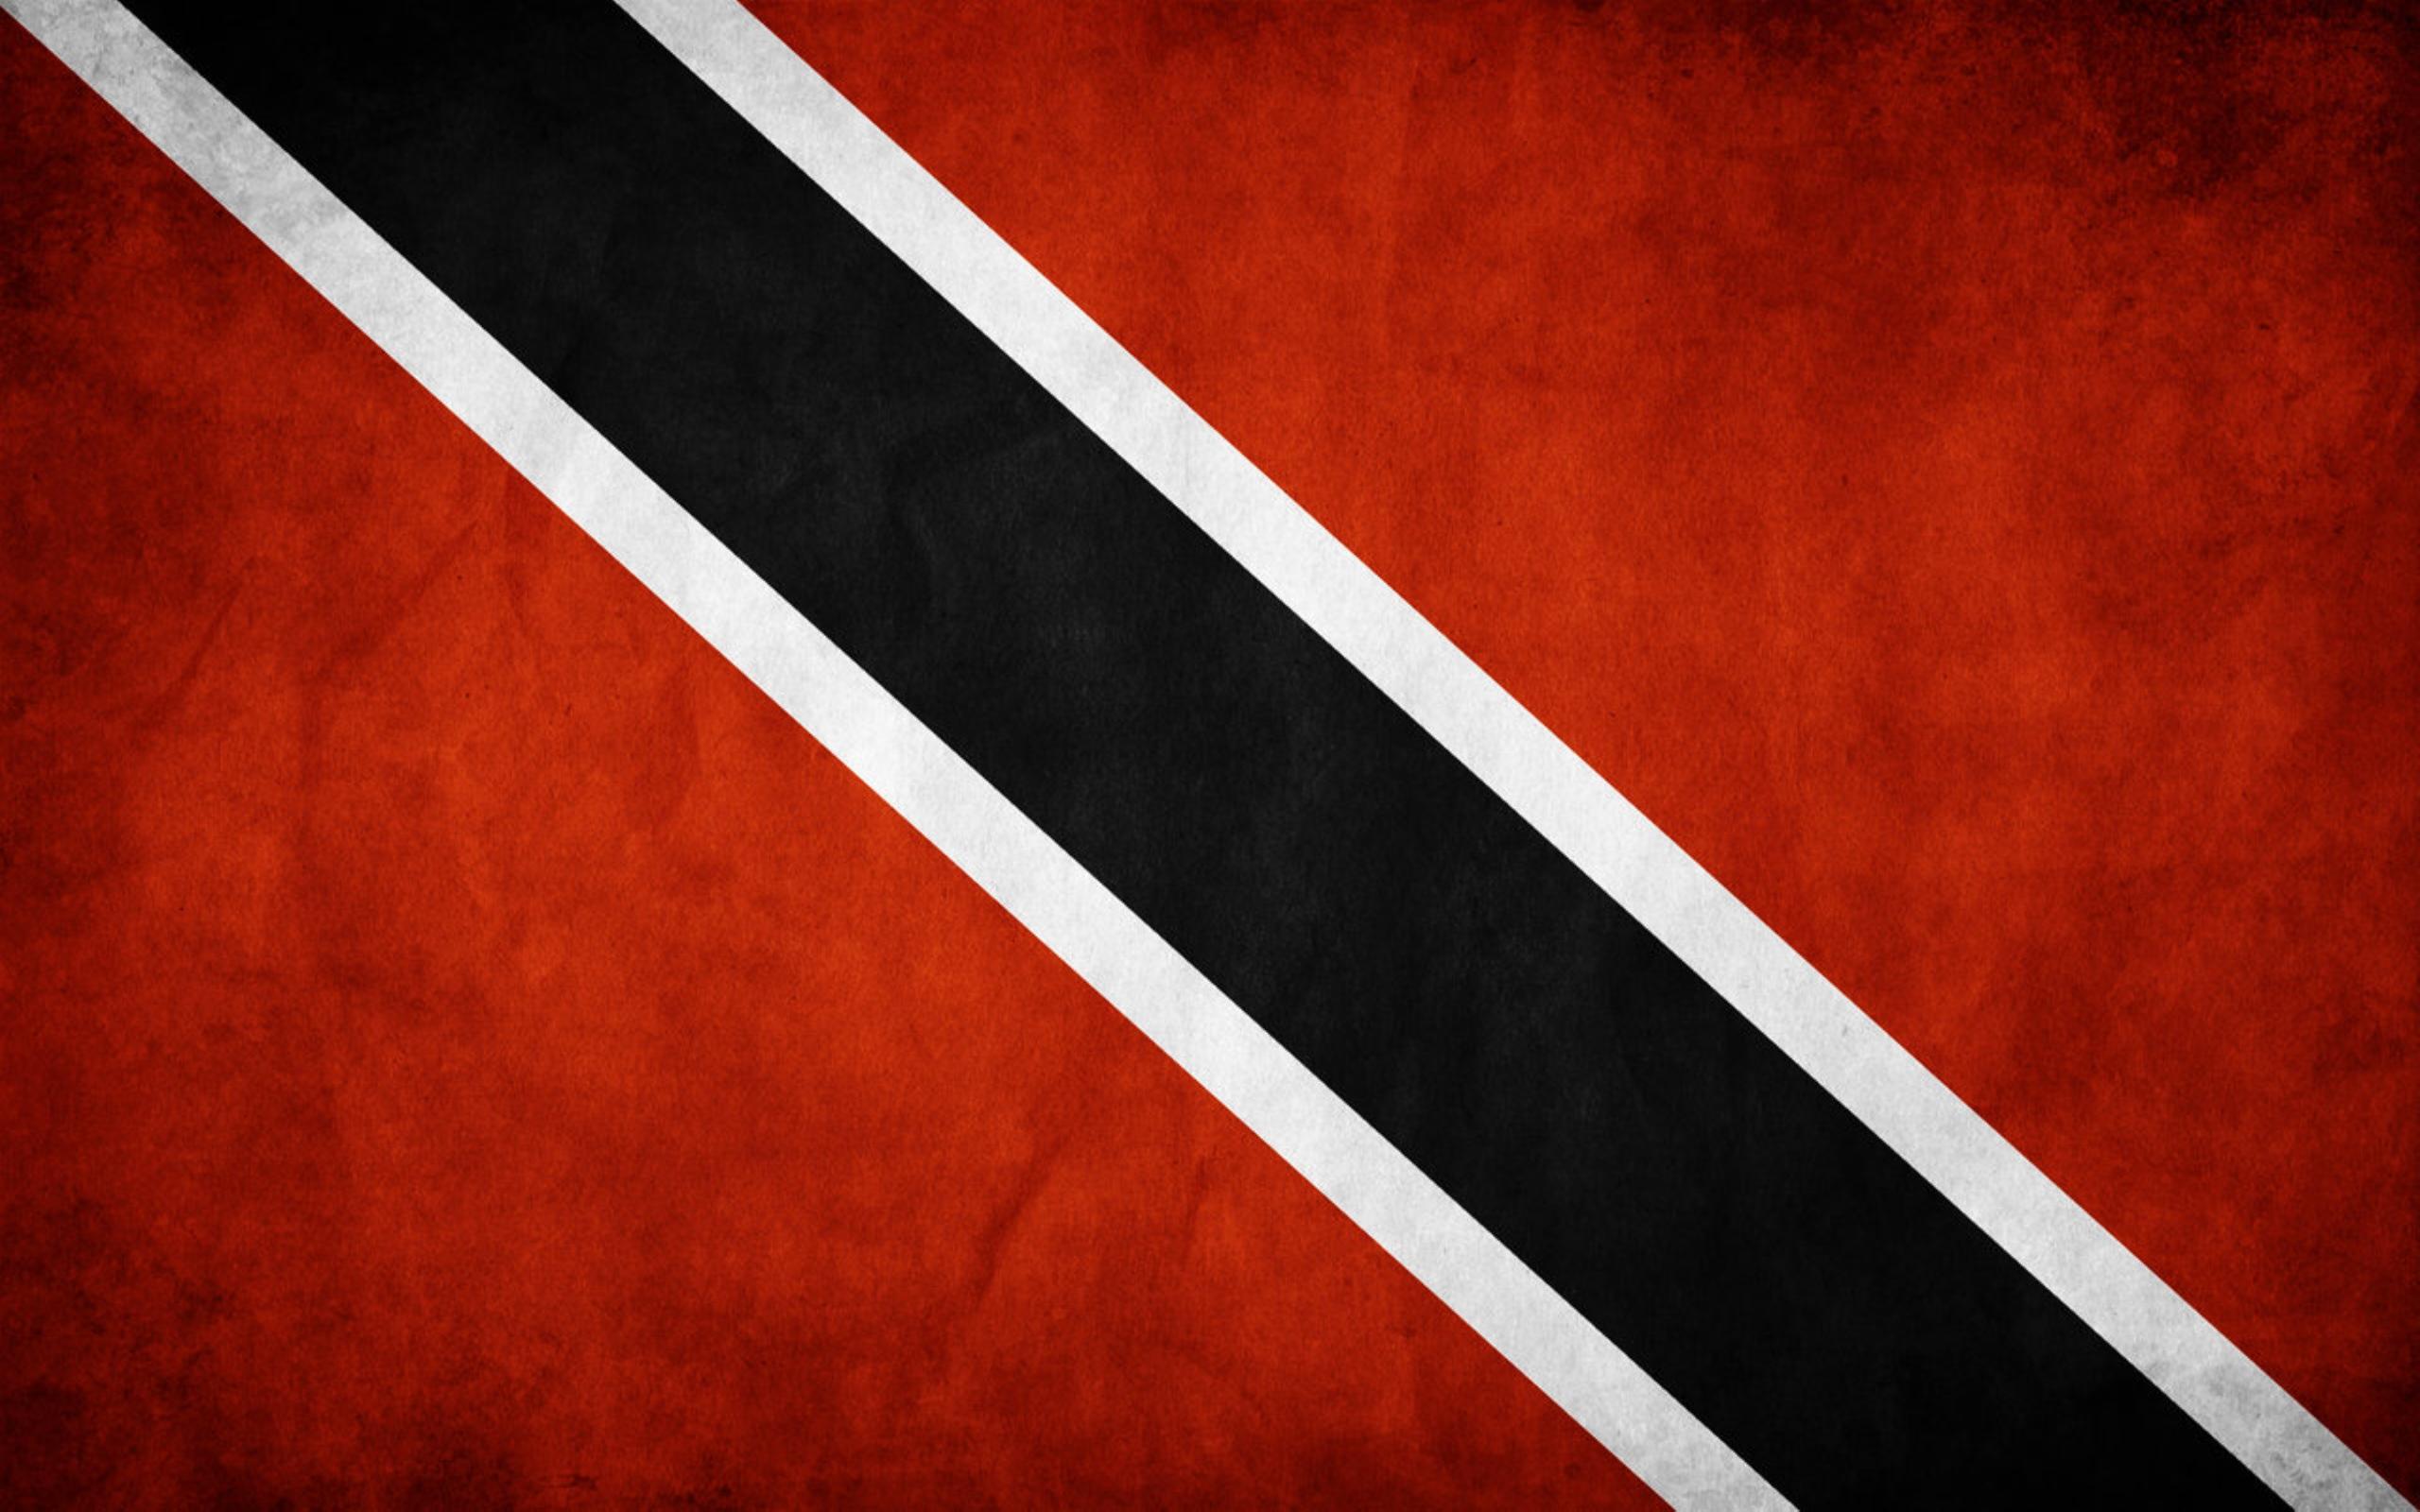 Best 46 Trinidadian Wallpaper on HipWallpaper Trinidadian 2560x1600